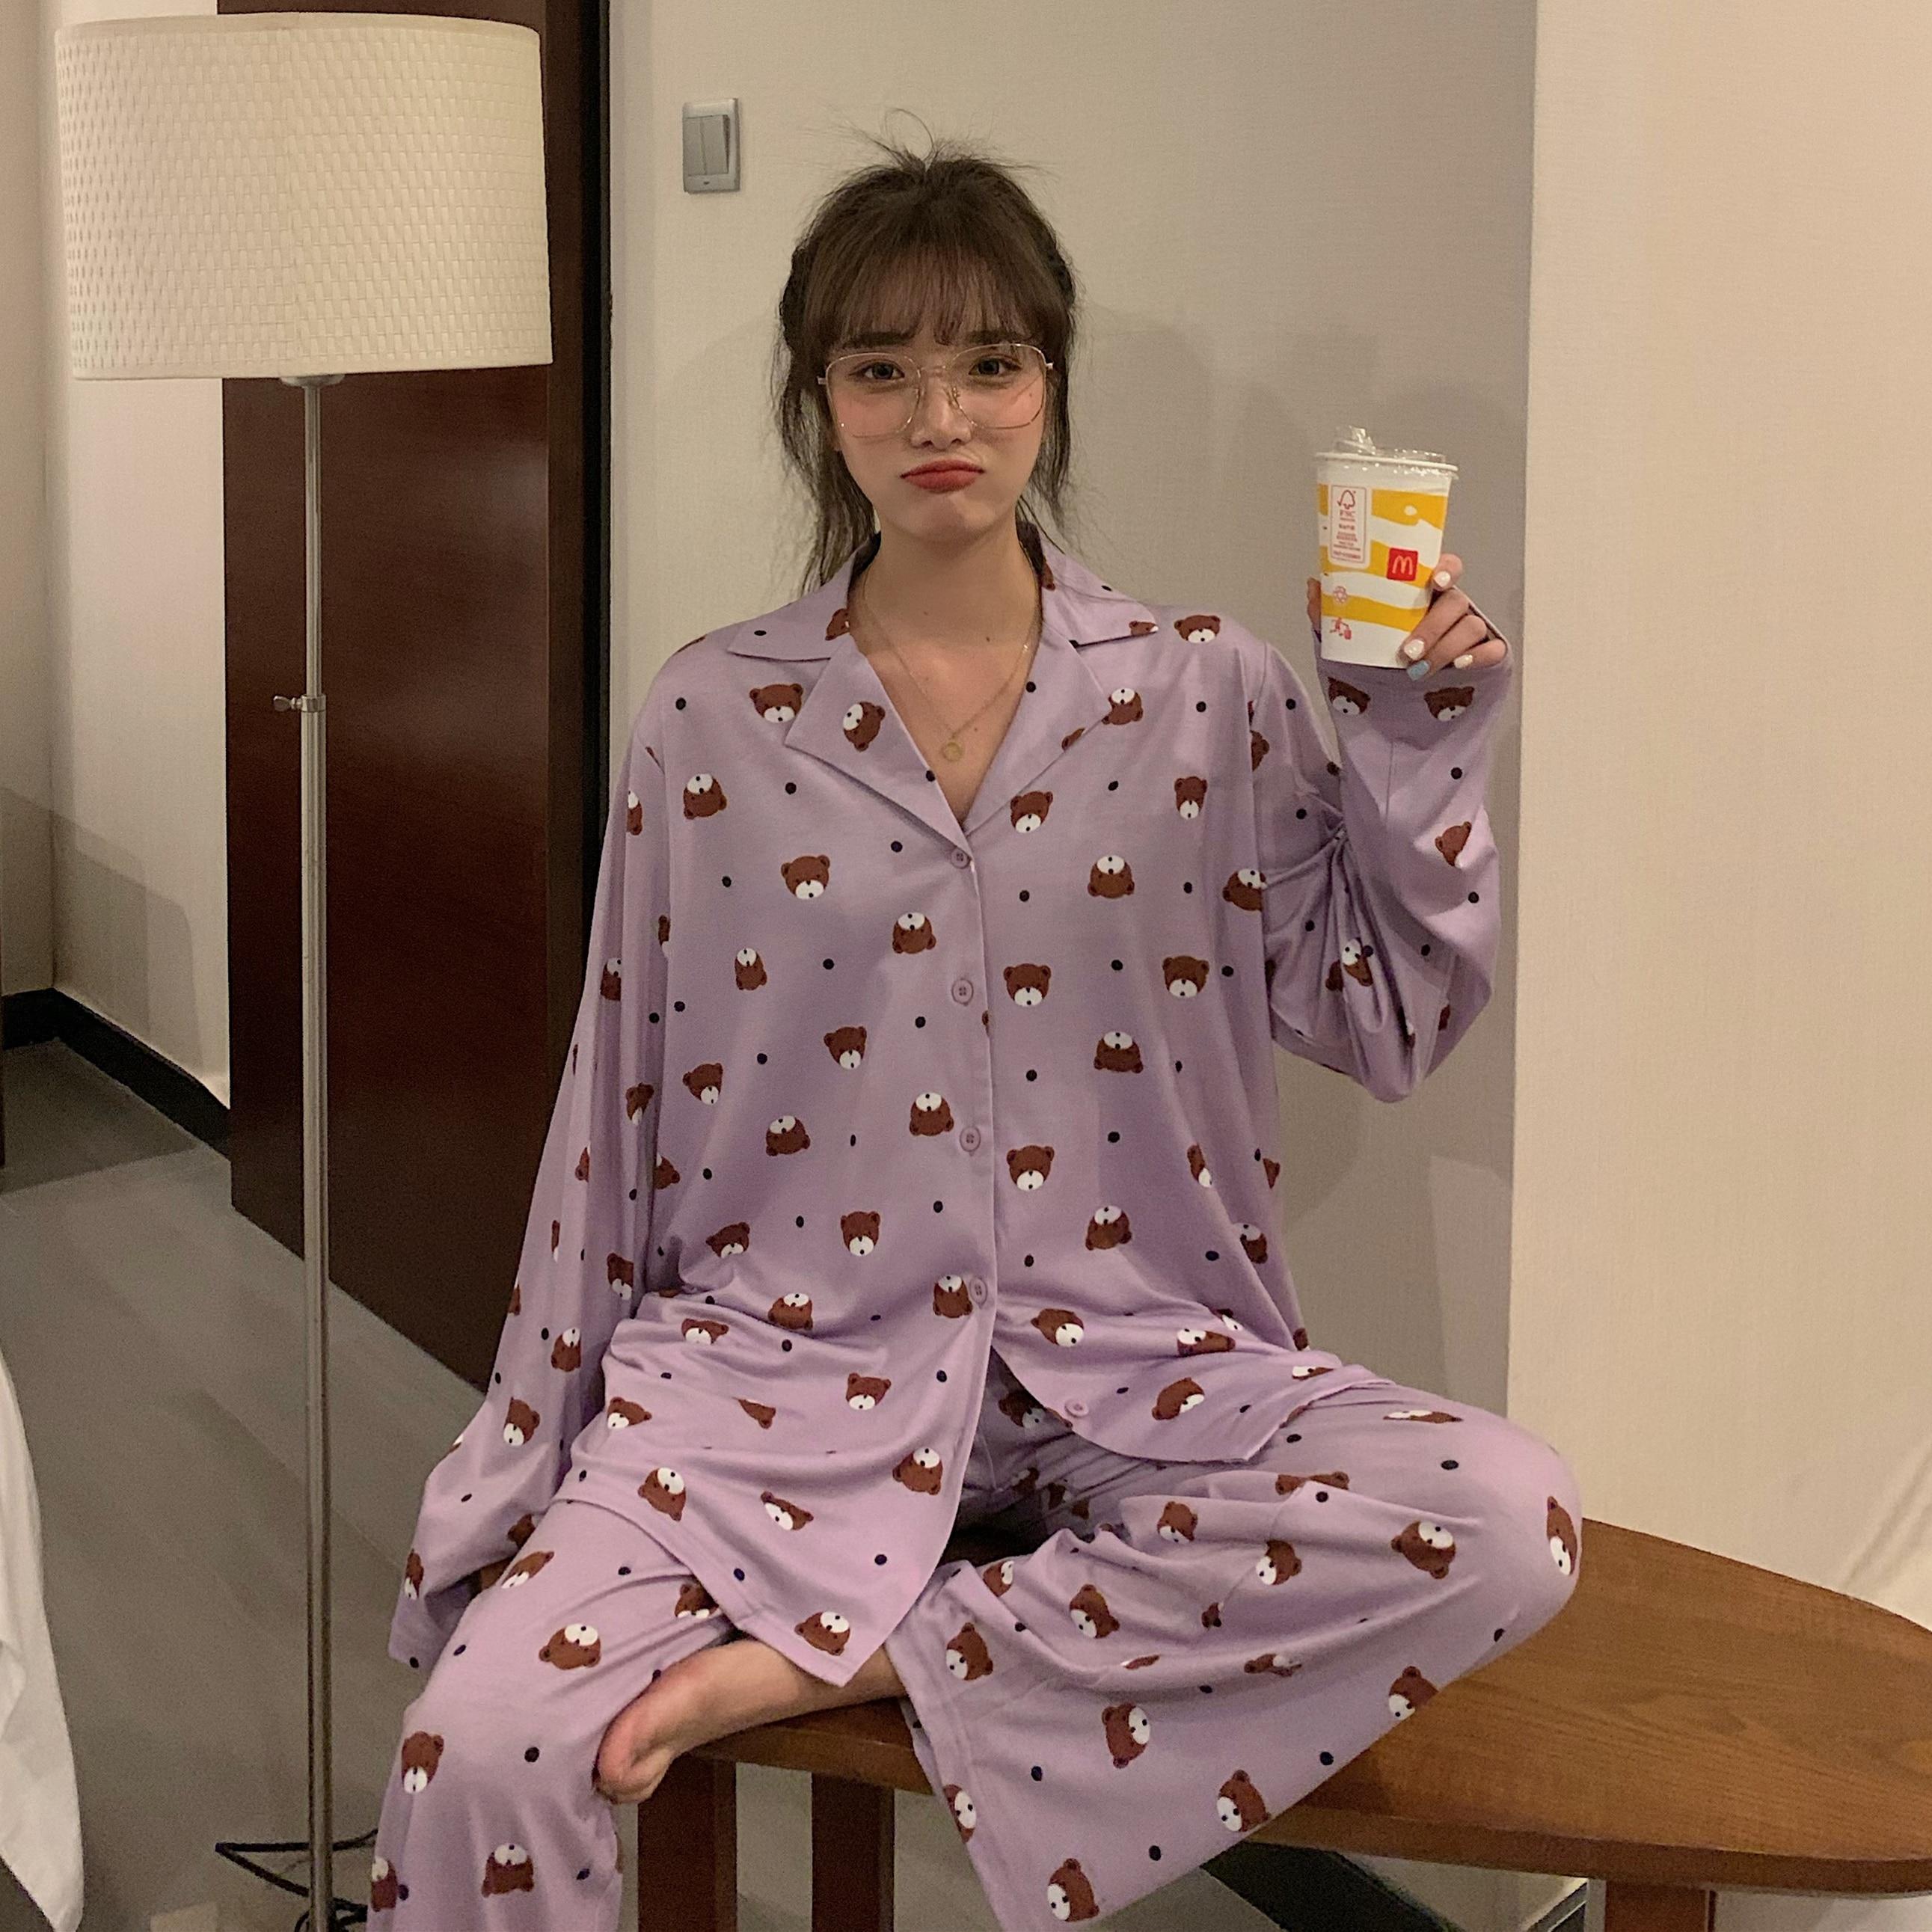 Сделайте акции предложение ~ 9916 # девушка с мультяшным медведем легко печать с длинным рукавом Пижама, одежда для отдыха две штуки